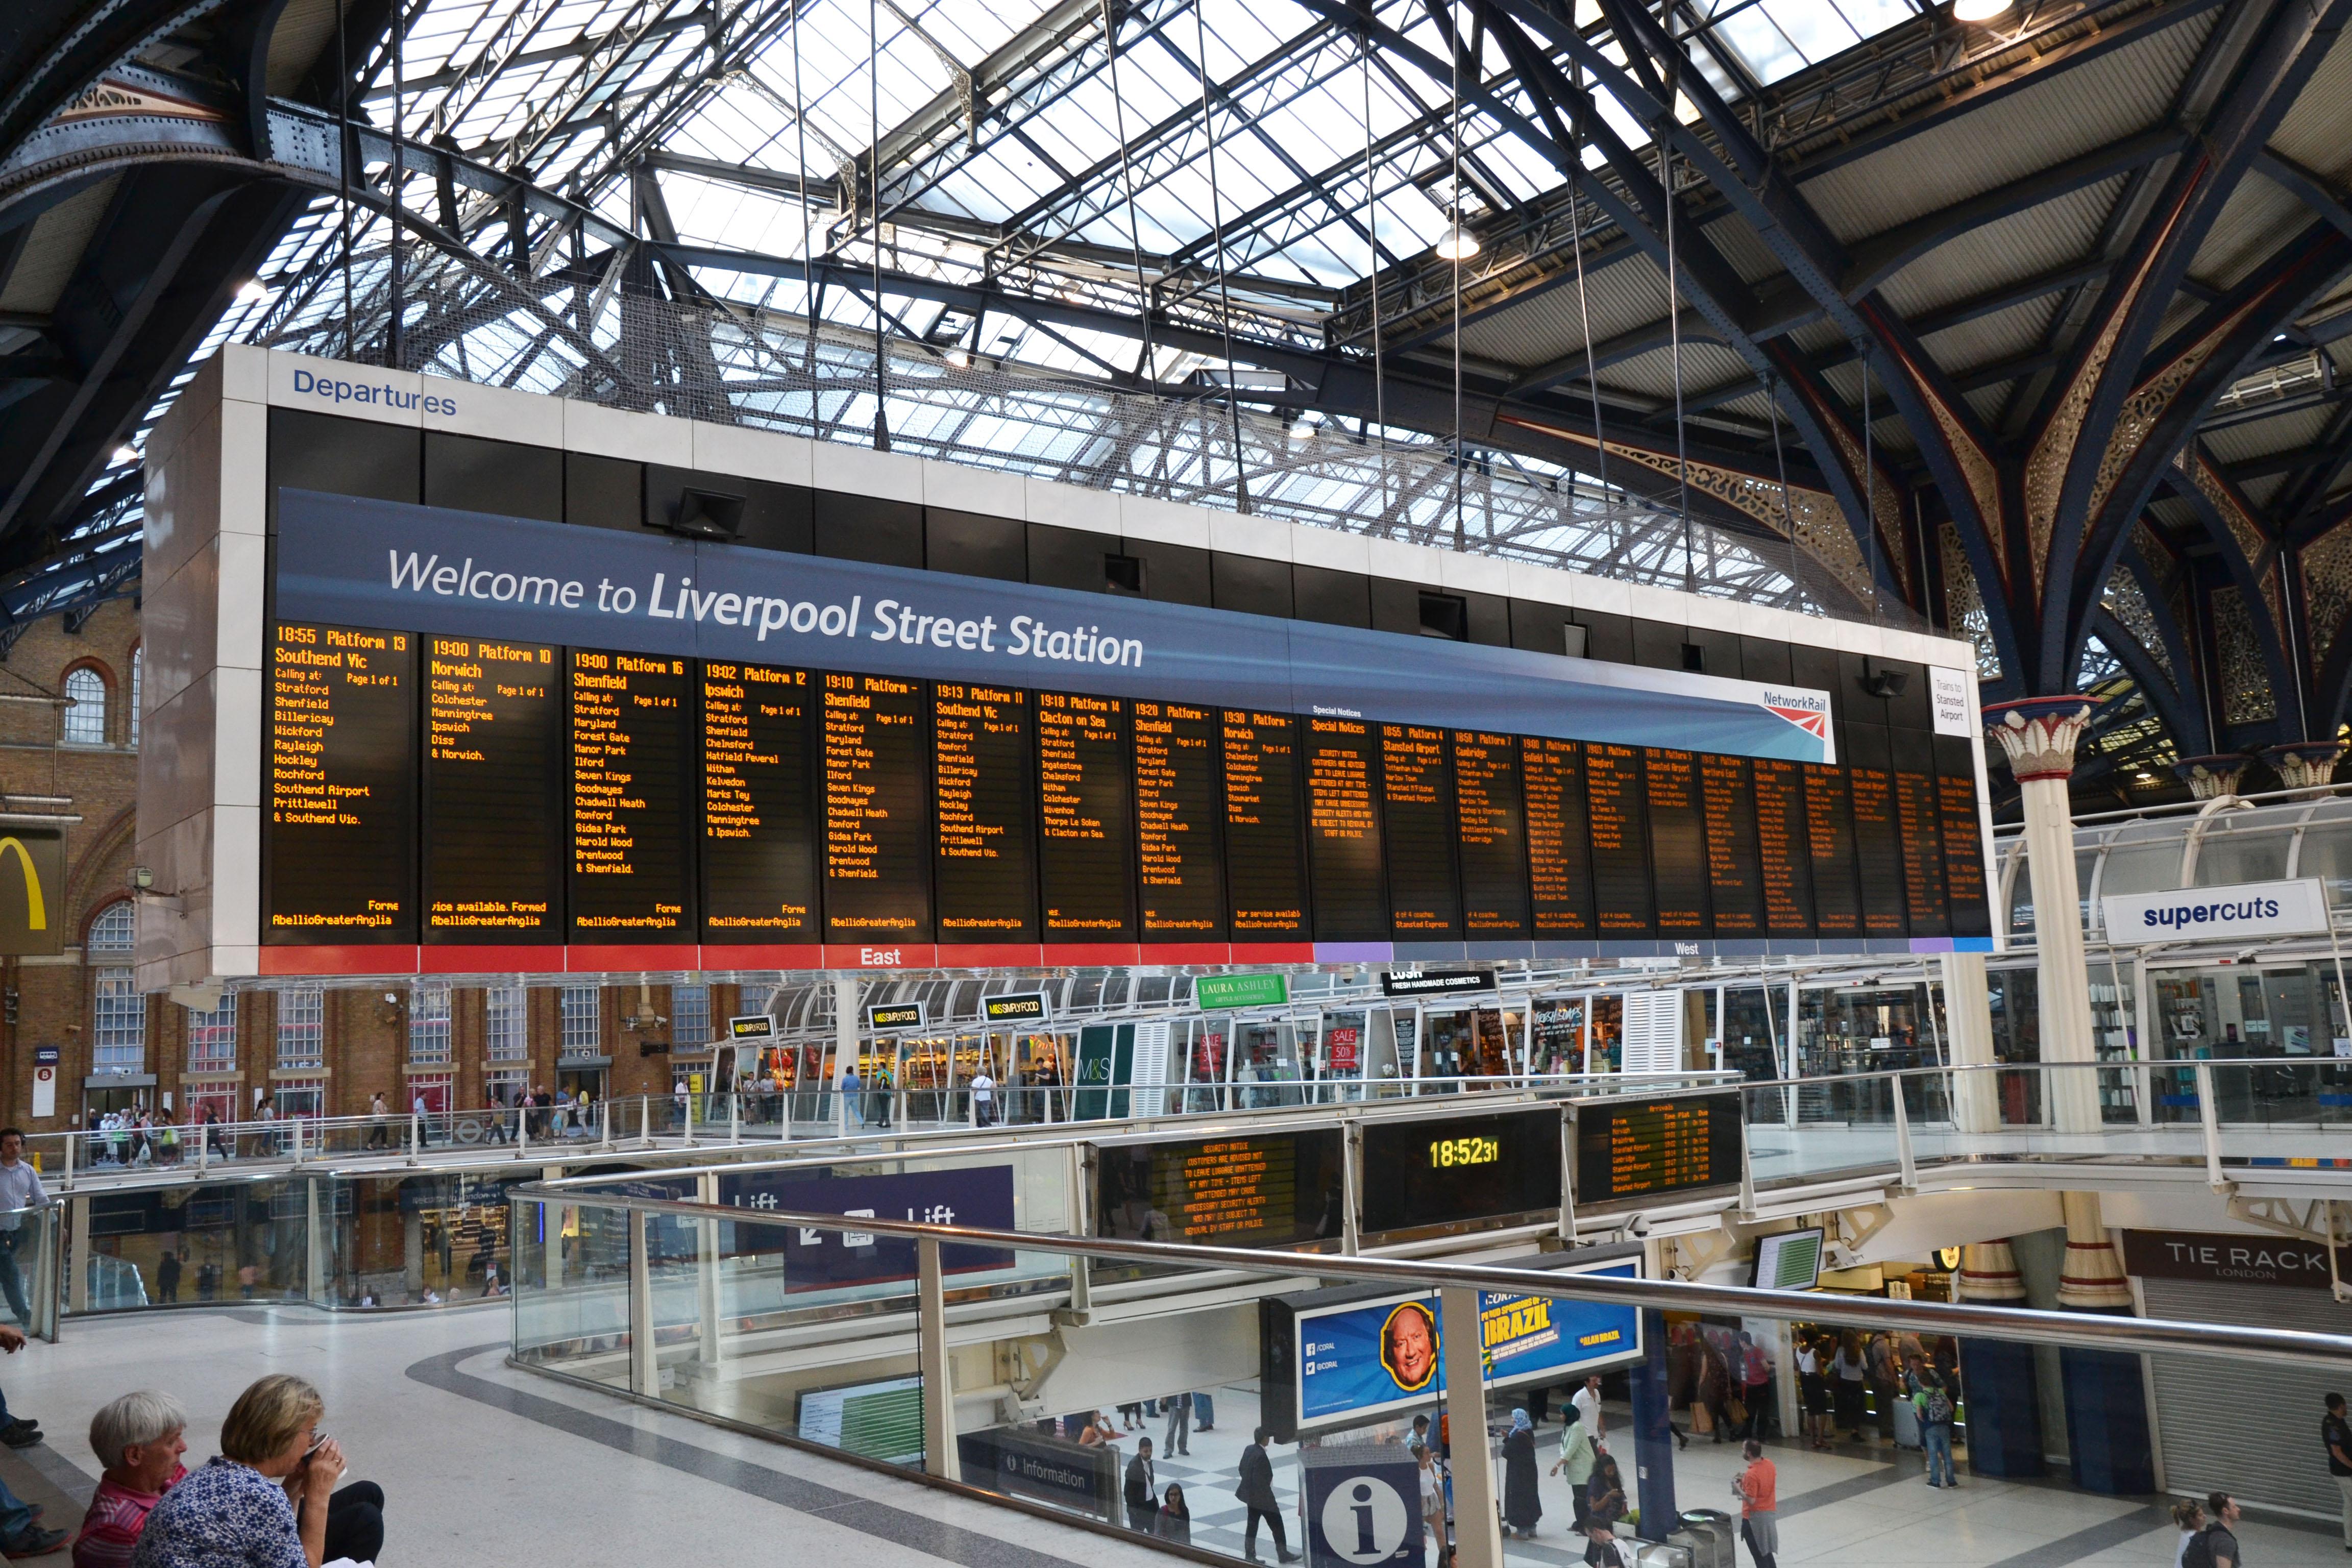 Station details